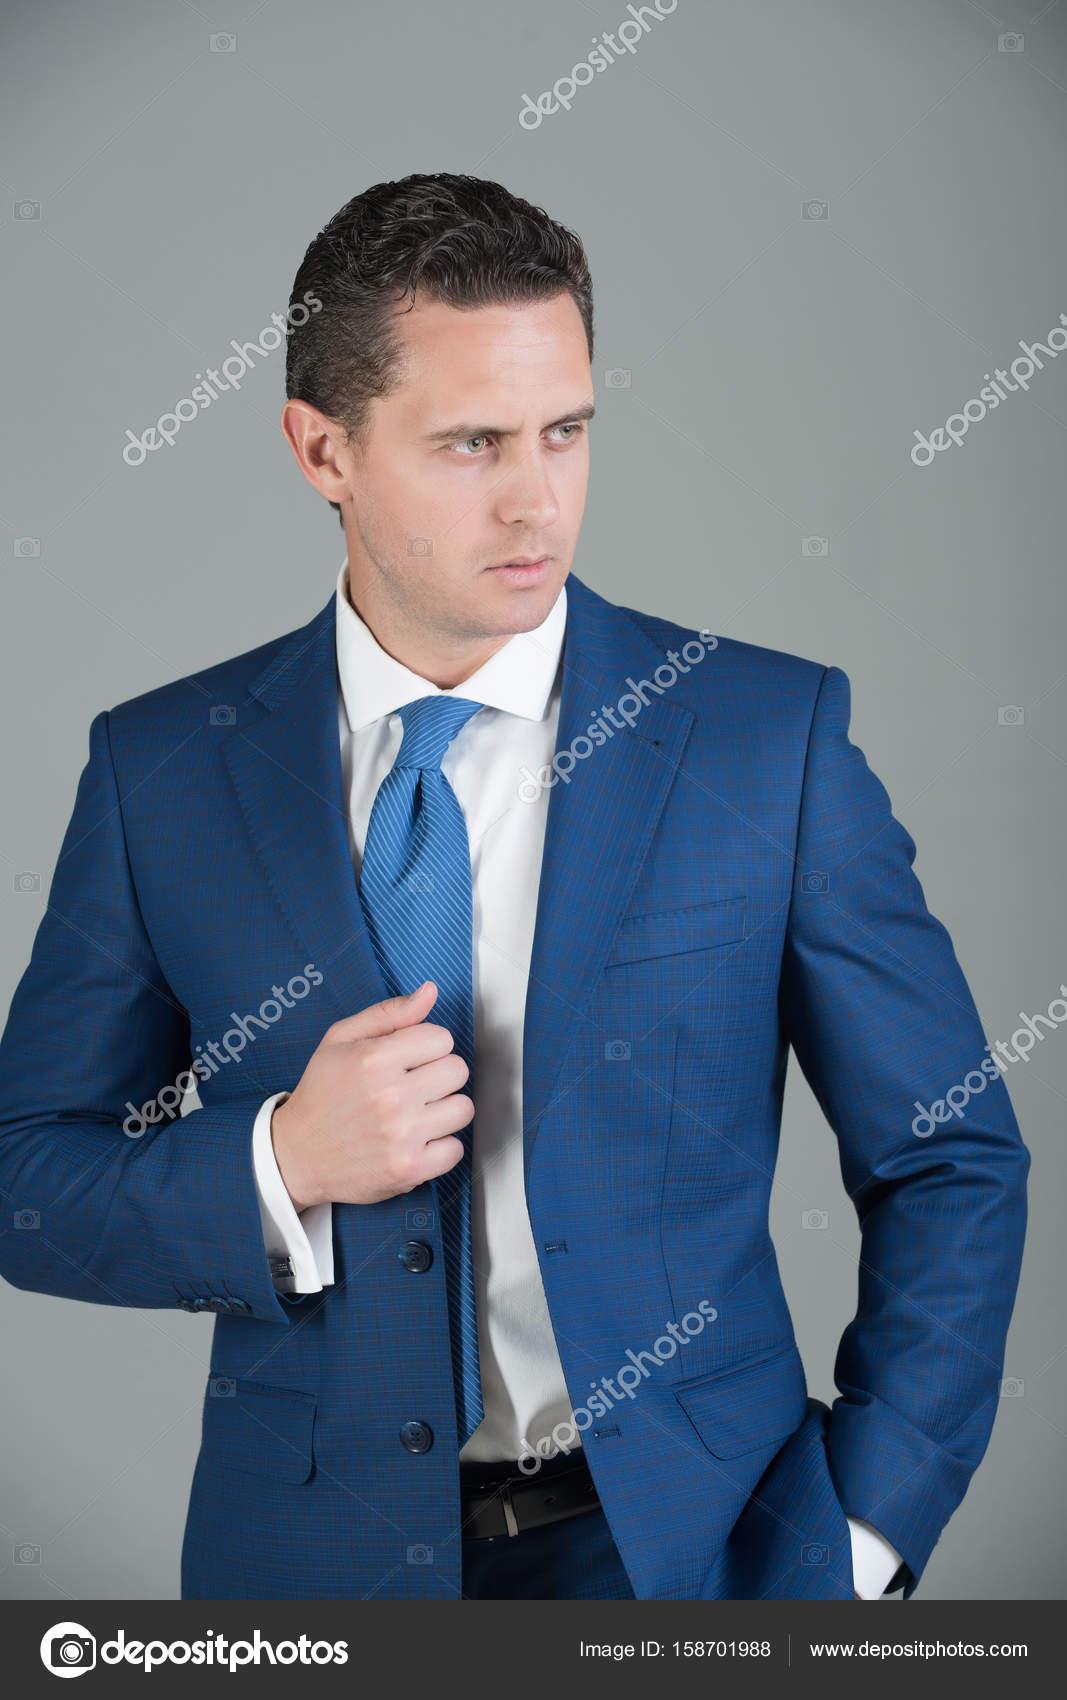 size 40 104a7 f38c8 Geschäftsmann posiert in violetten Anzug, weißes Hemd und ...